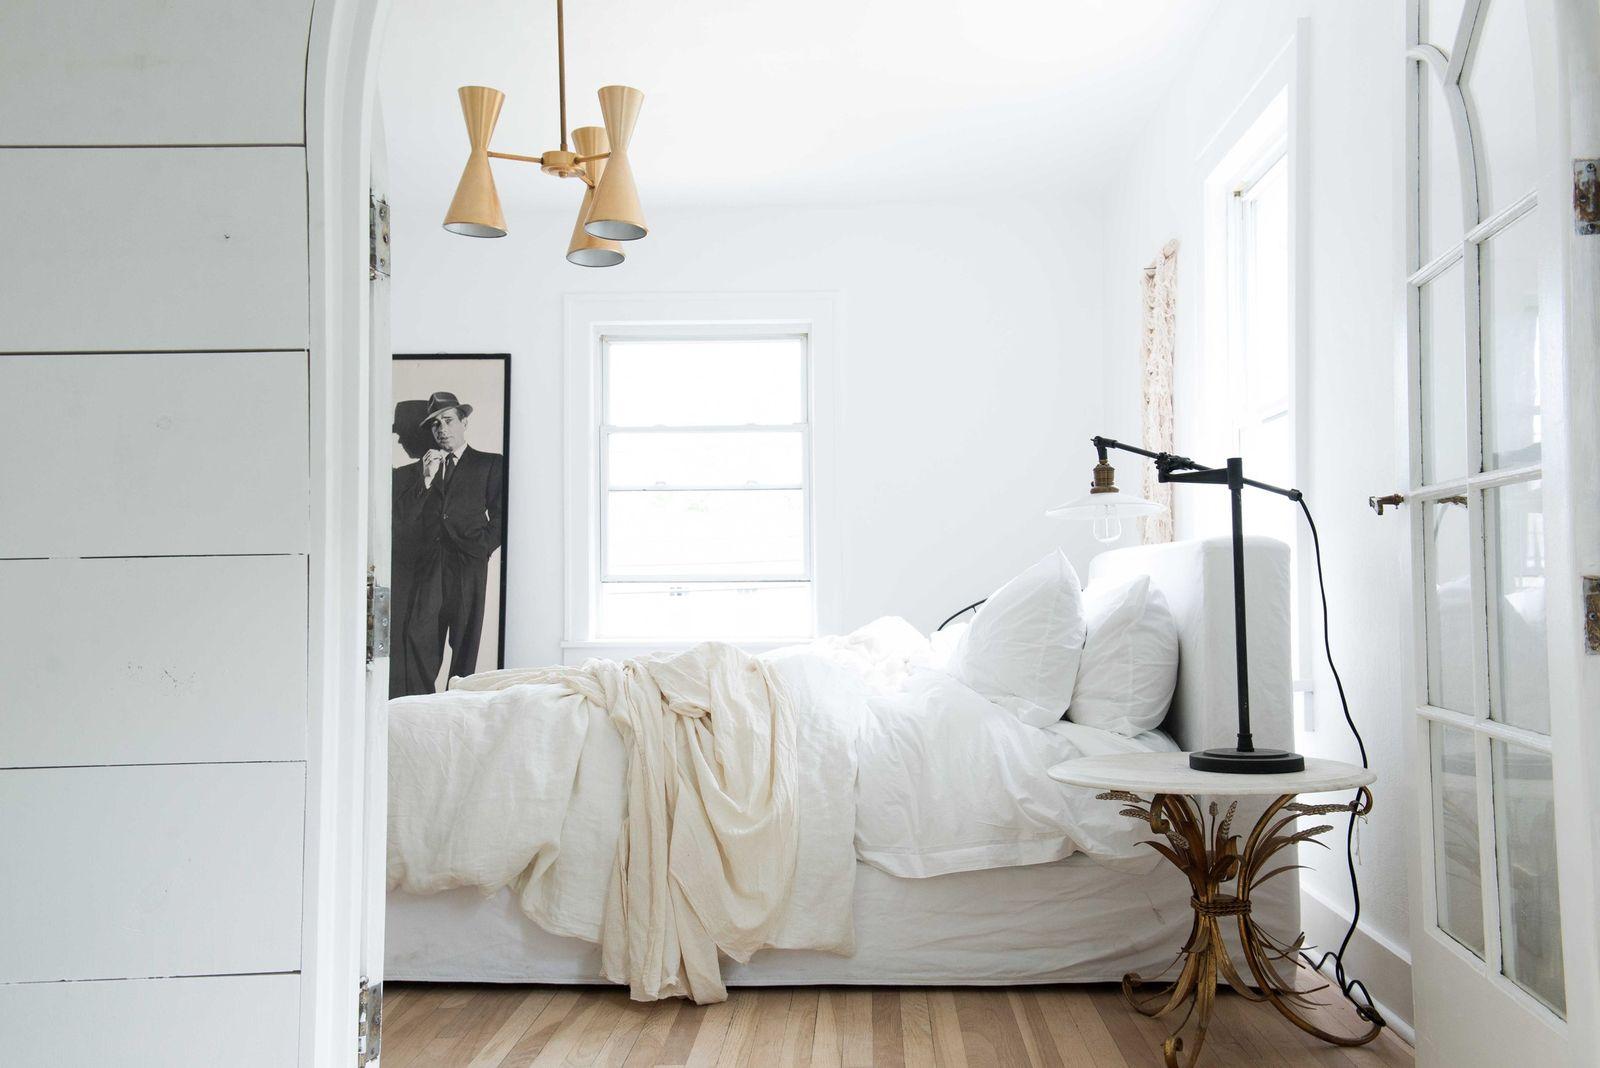 Bohemian Decor Ideas & Black and White Interior Design ...